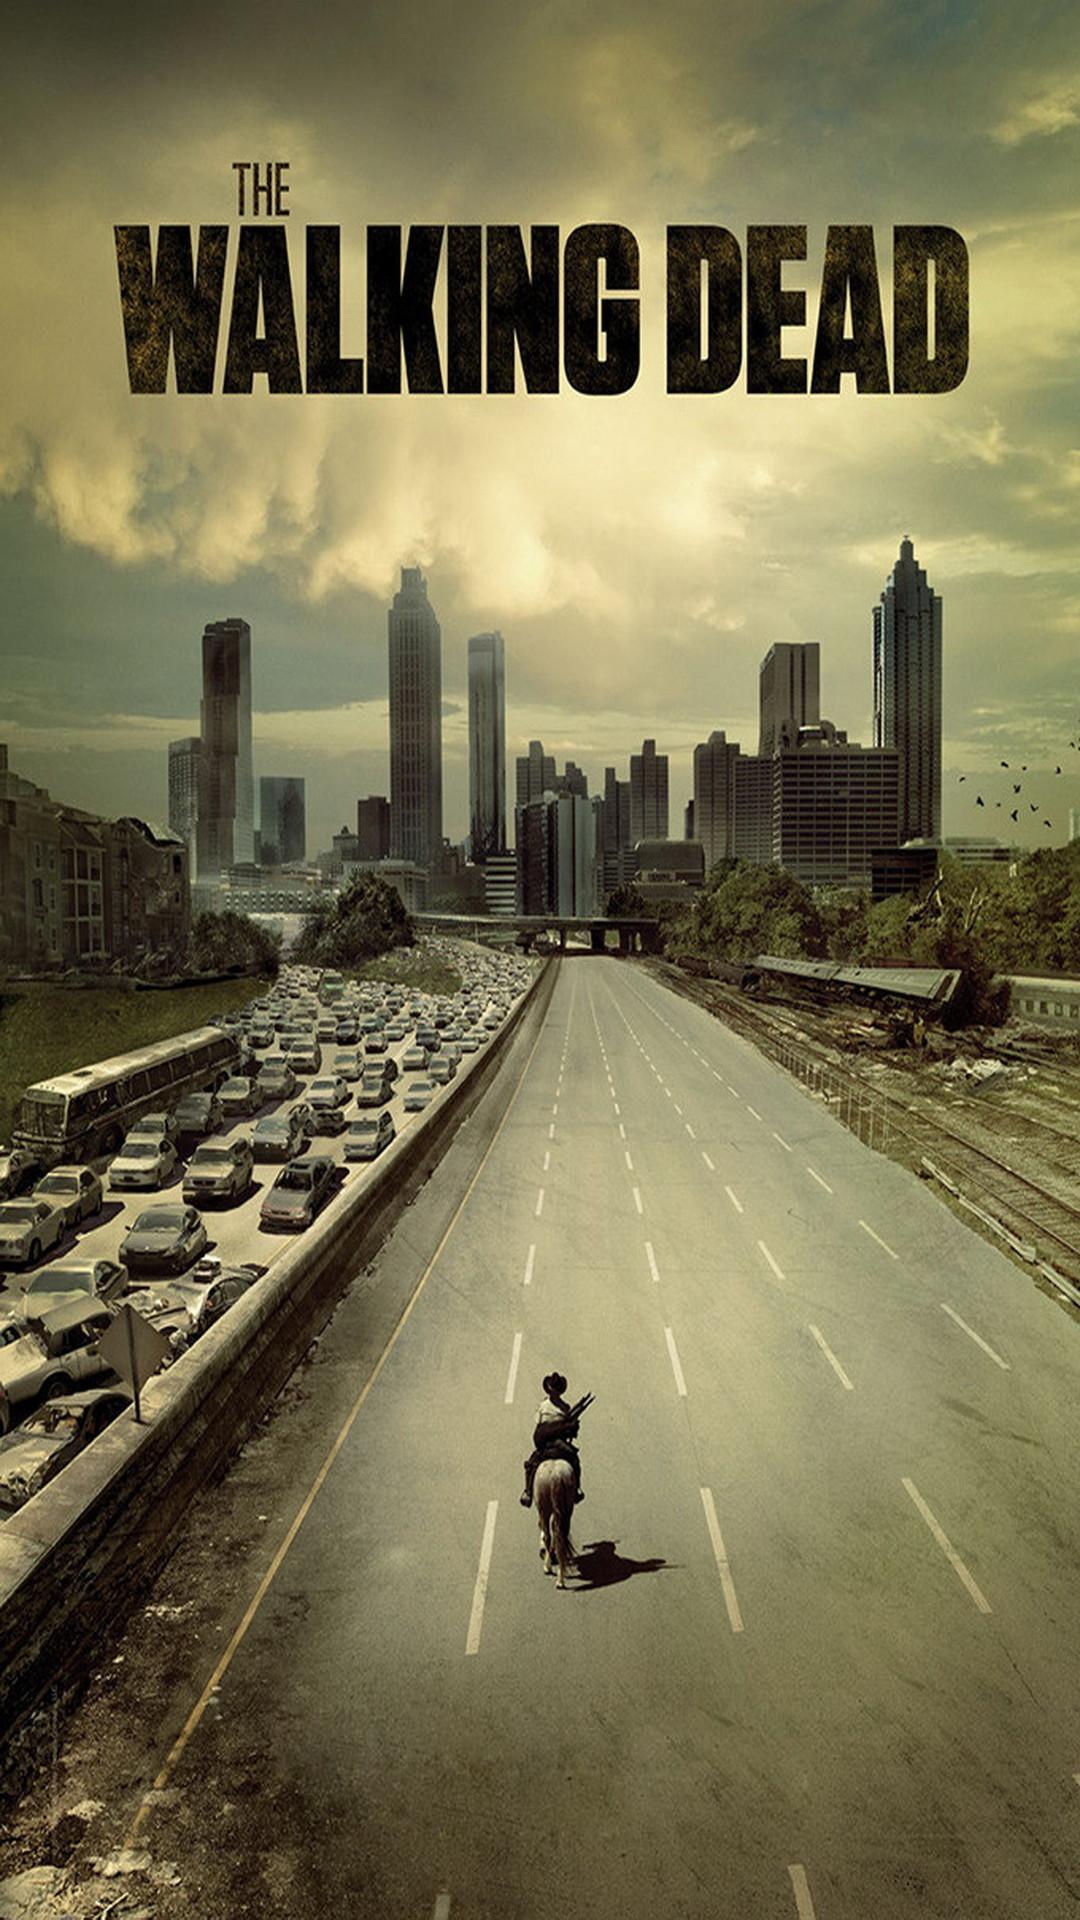 Best 25+ Walking dead wallpaper ideas on Pinterest | Walking dead art, He walking  dead and Season 5 walking dead